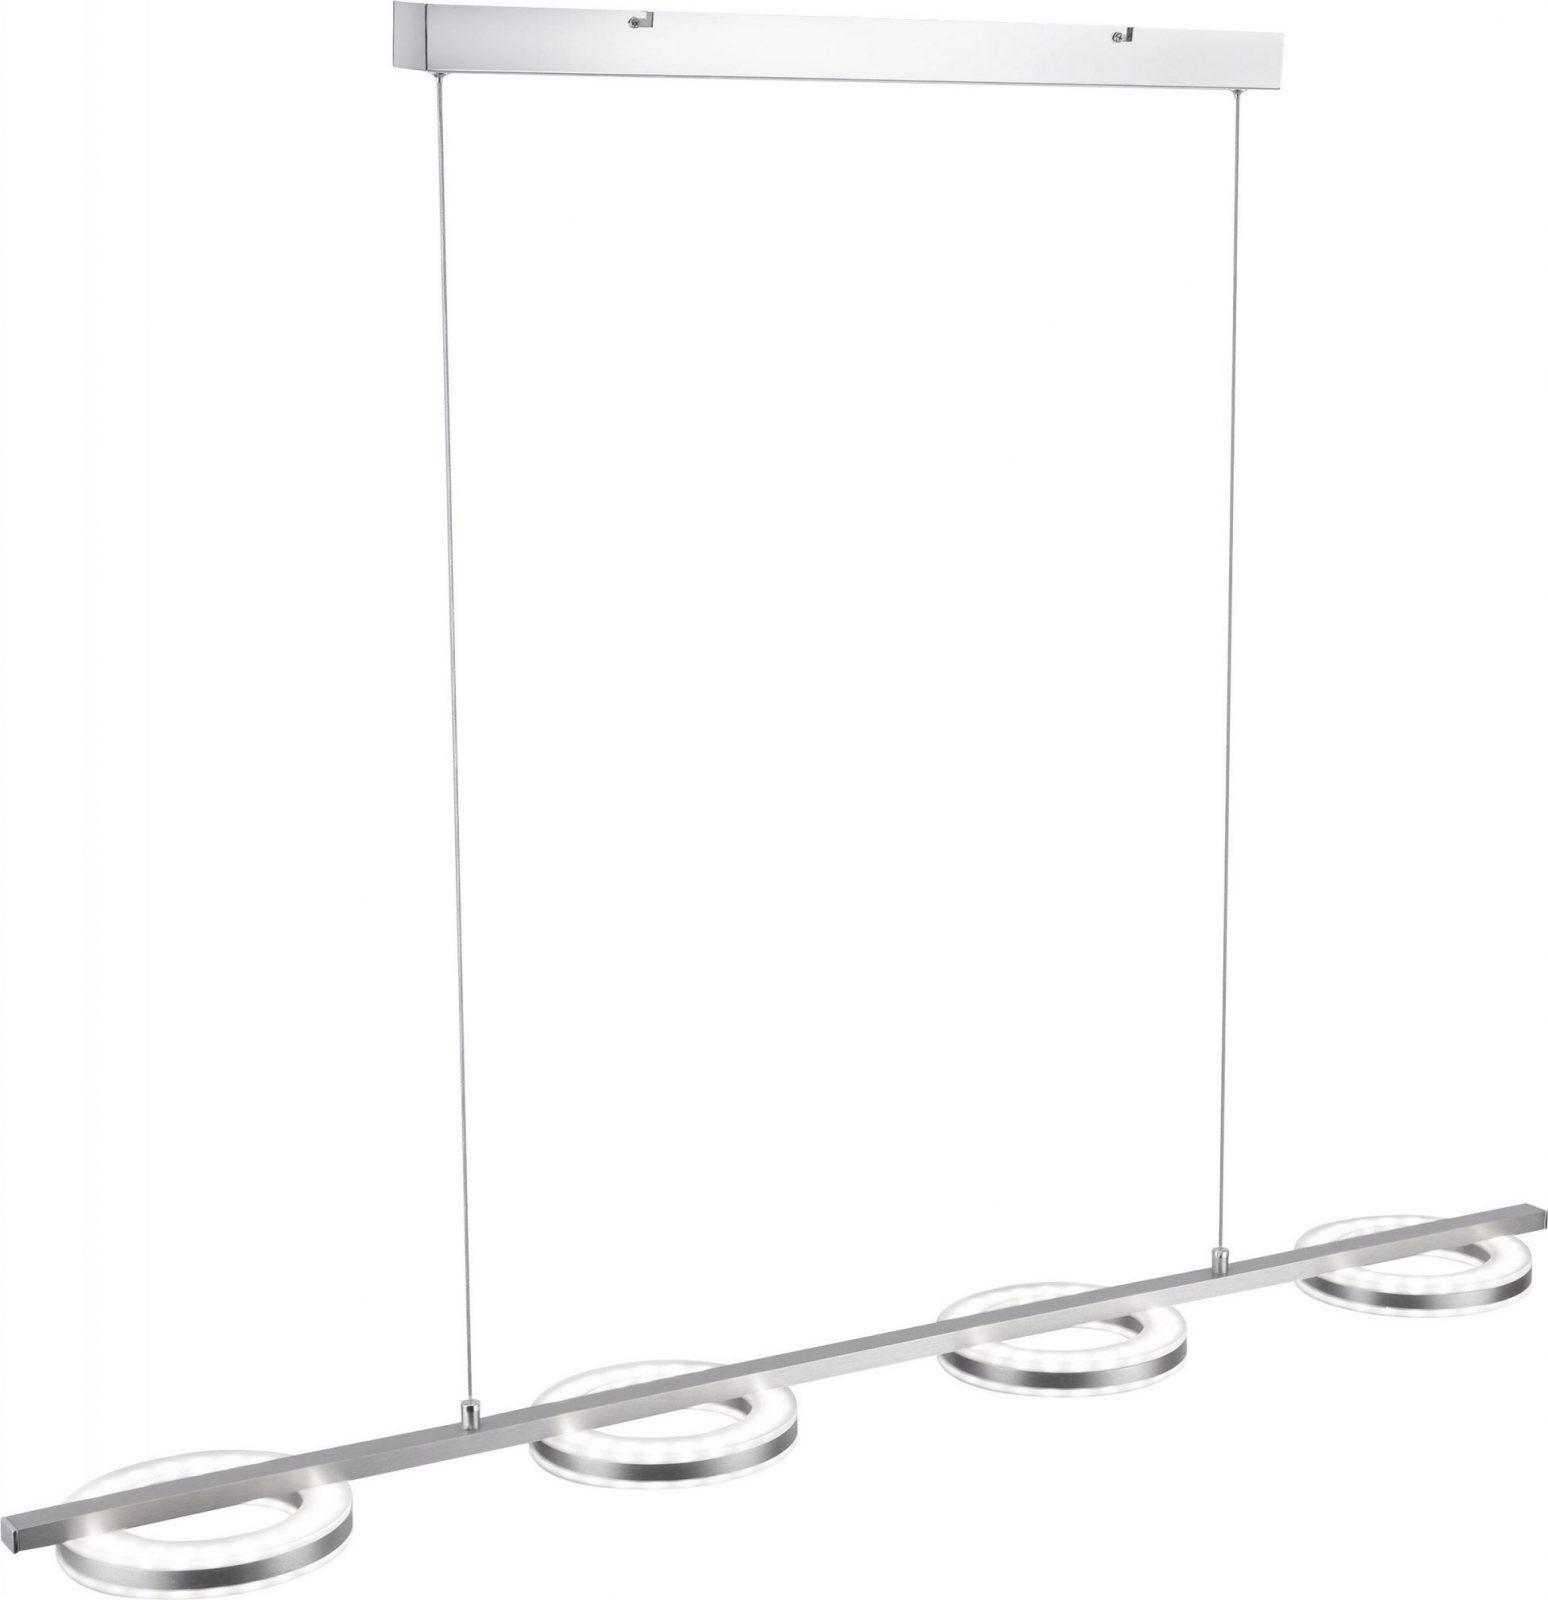 Paul Neuhaus Q® Ledhanglamp Q®Amy Led Vast Ingebouwd 40 W Warmwit von Lampen Von Paul Neuhaus Bild